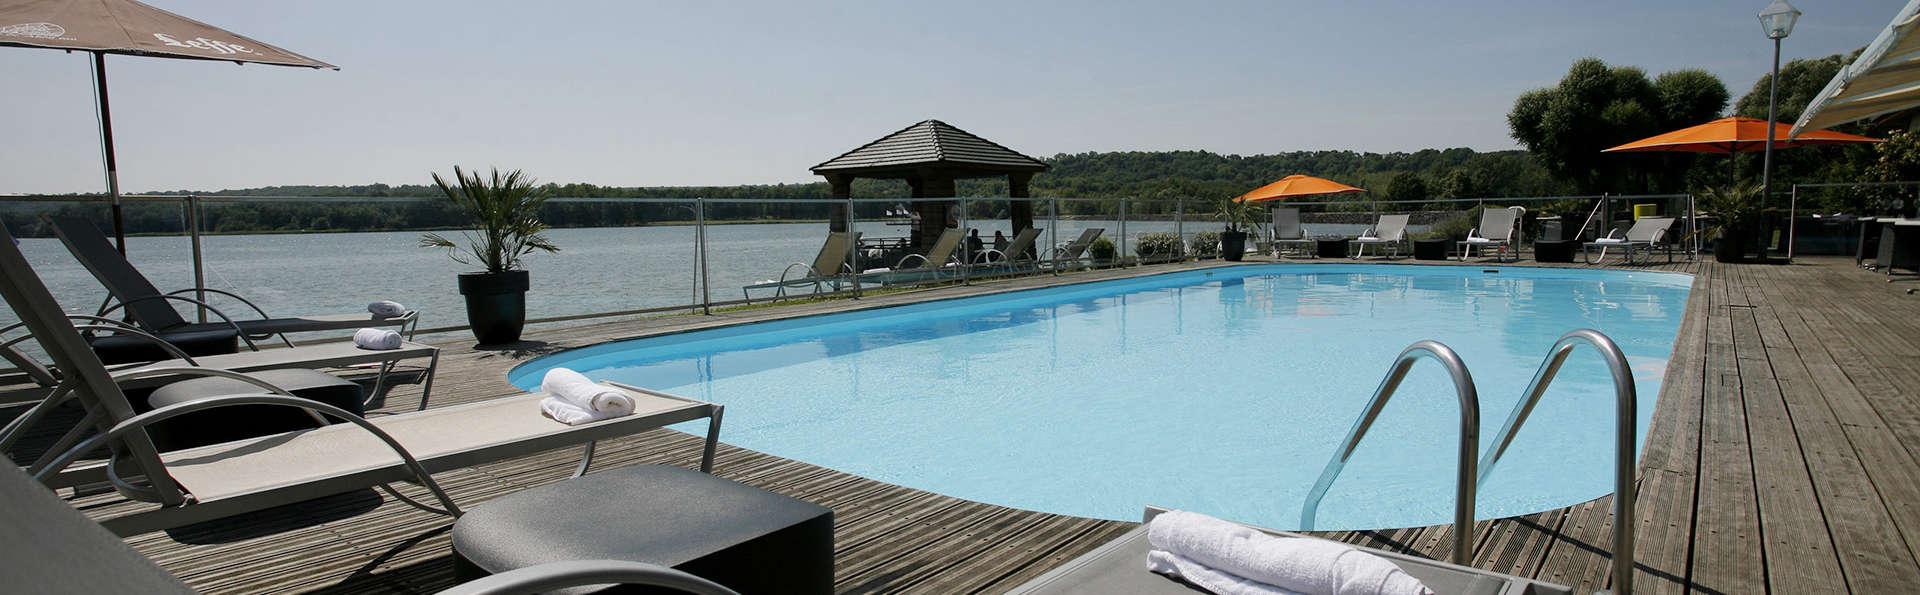 Week End Culturel Chamouille Avec Entr E Au Parc Aquatique Aqua